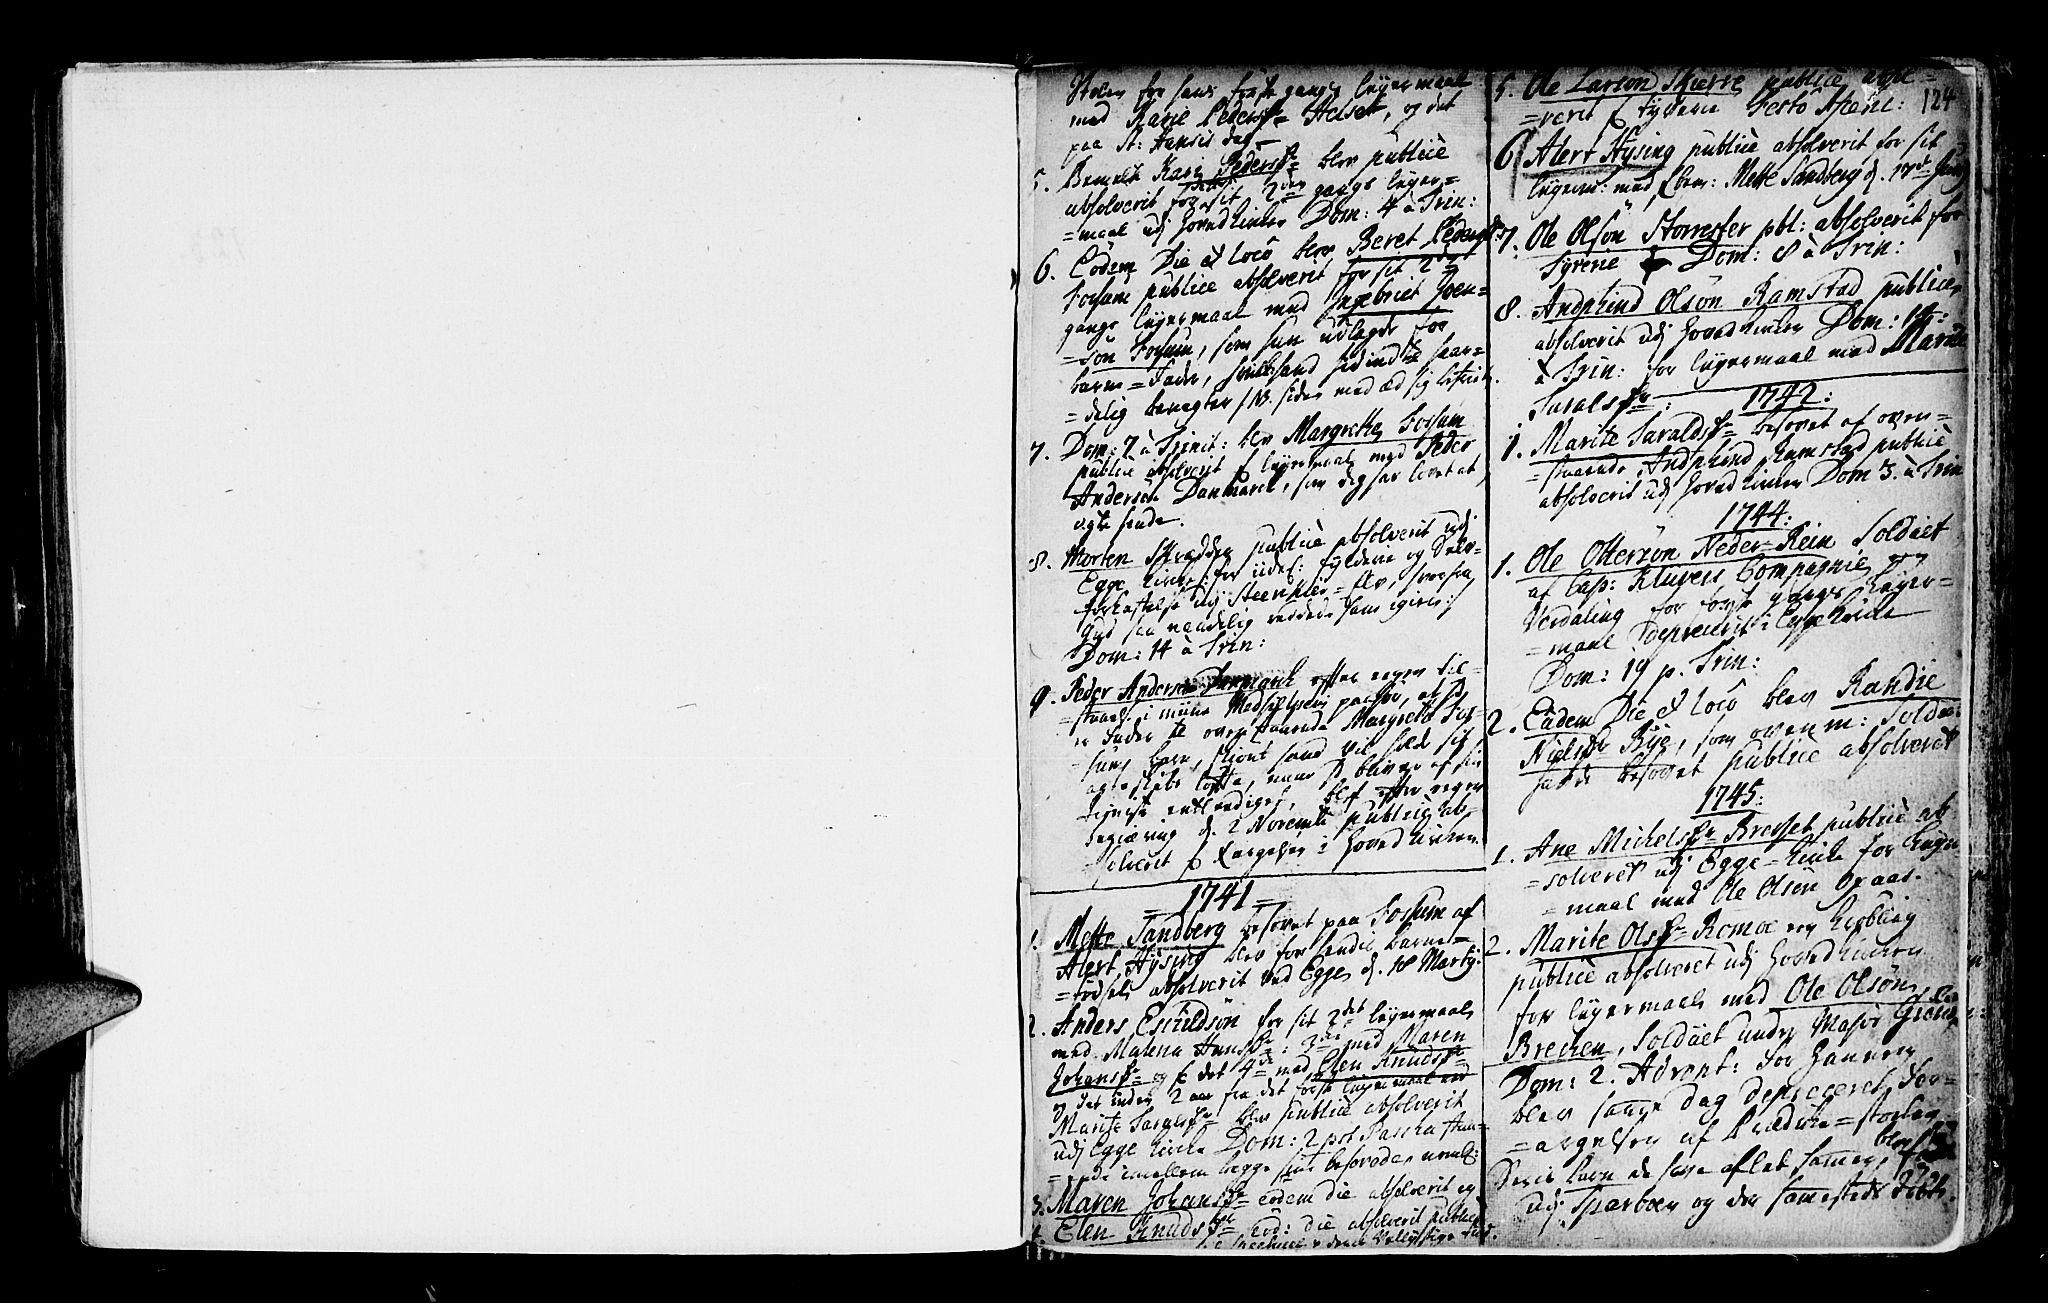 SAT, Ministerialprotokoller, klokkerbøker og fødselsregistre - Nord-Trøndelag, 746/L0439: Ministerialbok nr. 746A01, 1688-1759, s. 124